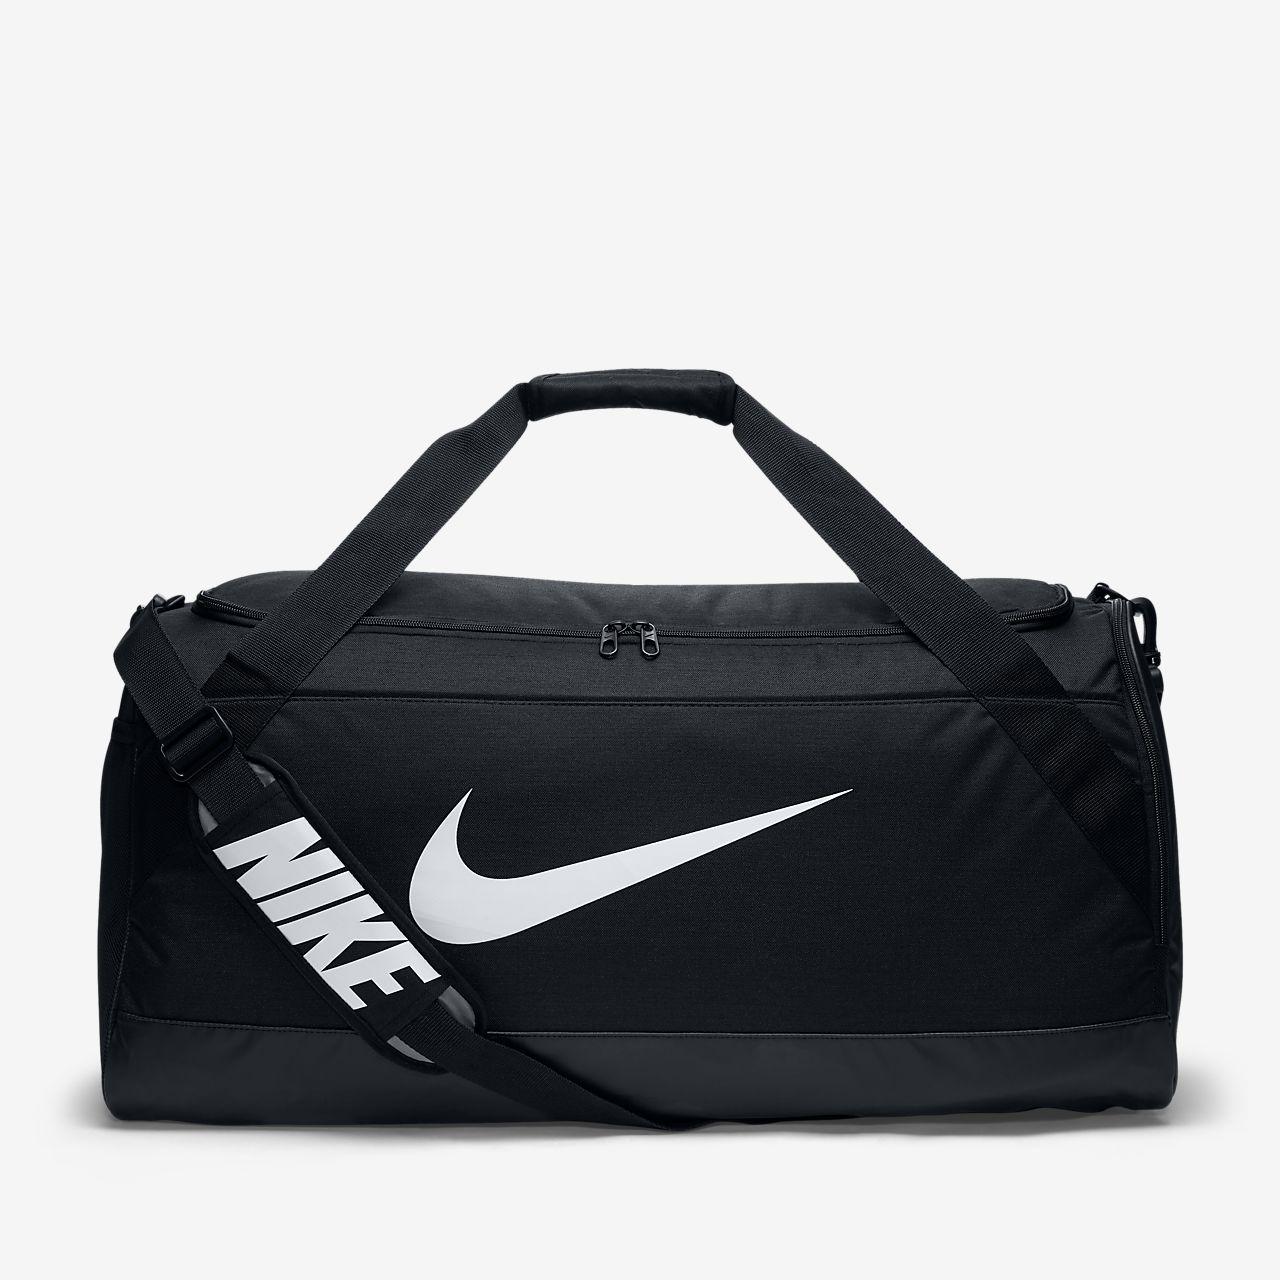 56534bc4c4a8e Nike Brasilia Bolsa de deporte de entrenamiento (grande). Nike.com ES